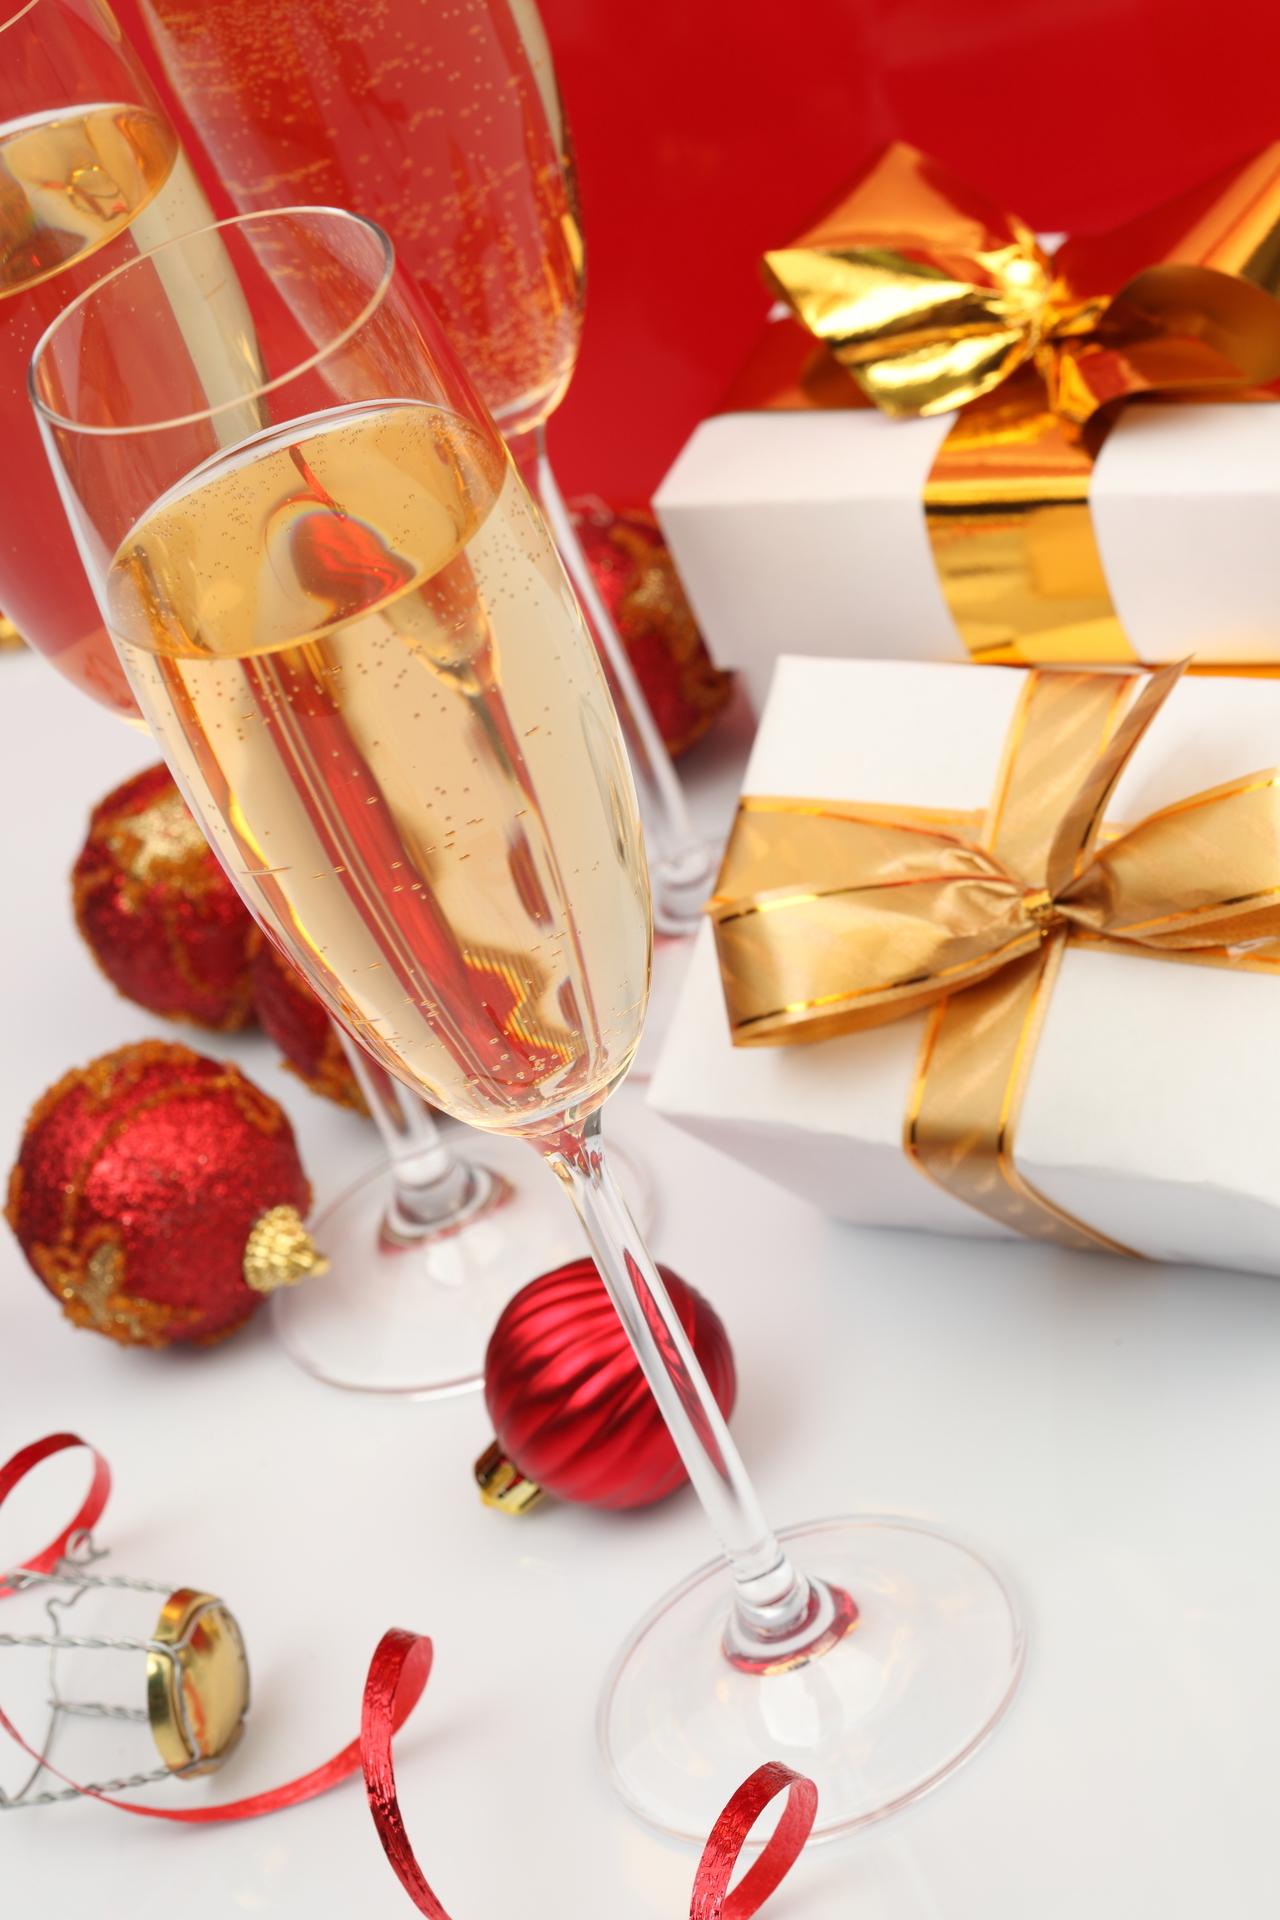 14032 скачать обои Праздники, Еда, Новый Год (New Year), Рождество (Christmas, Xmas), Напитки - заставки и картинки бесплатно